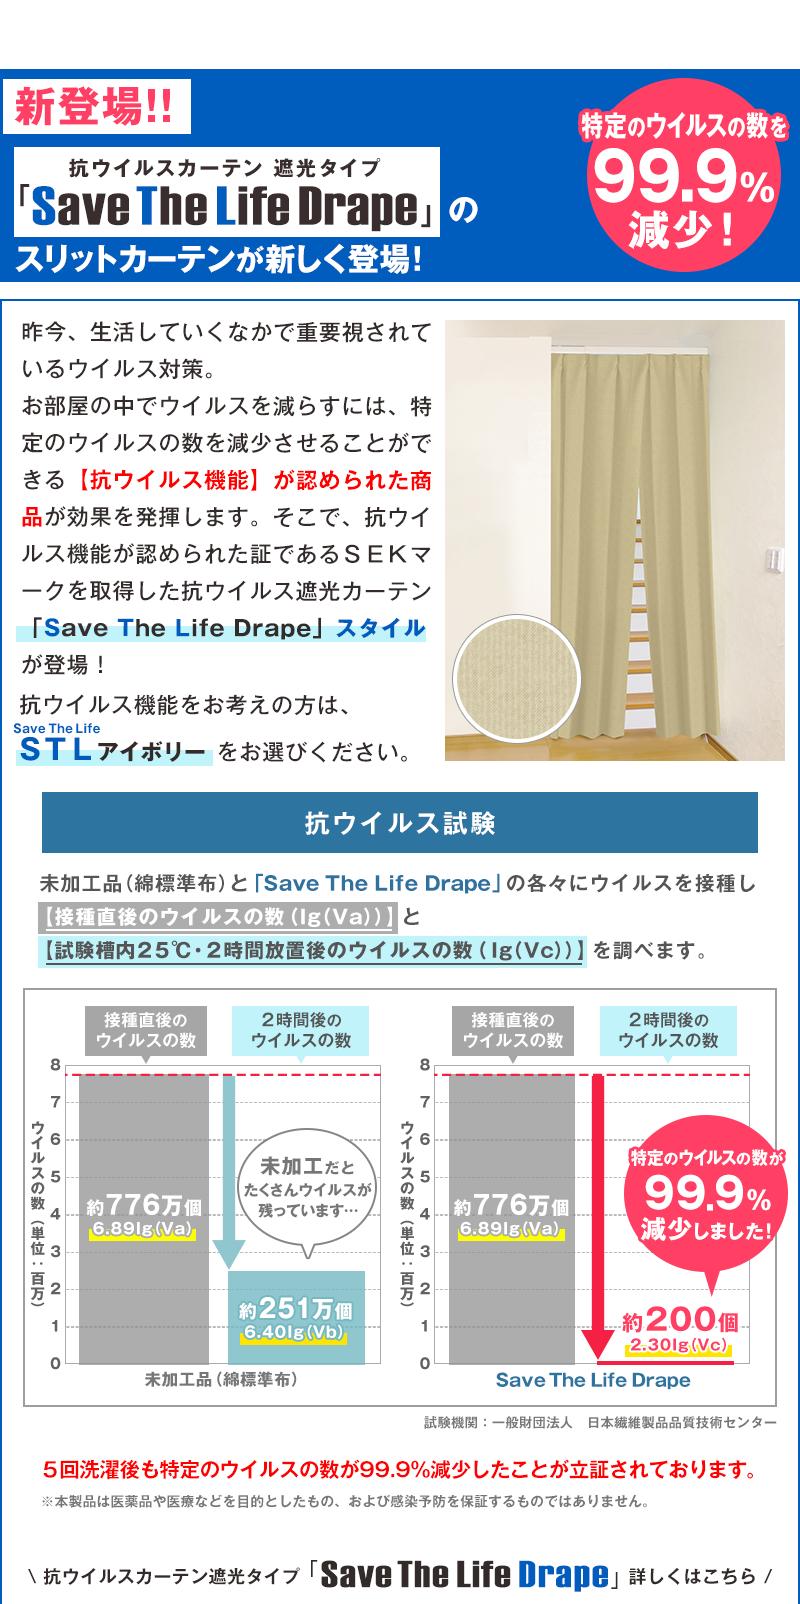 新登場!抗ウイルスカーテン 遮光タイプ SaveTheLifeDrape のスリットカーテンが新しく登場!